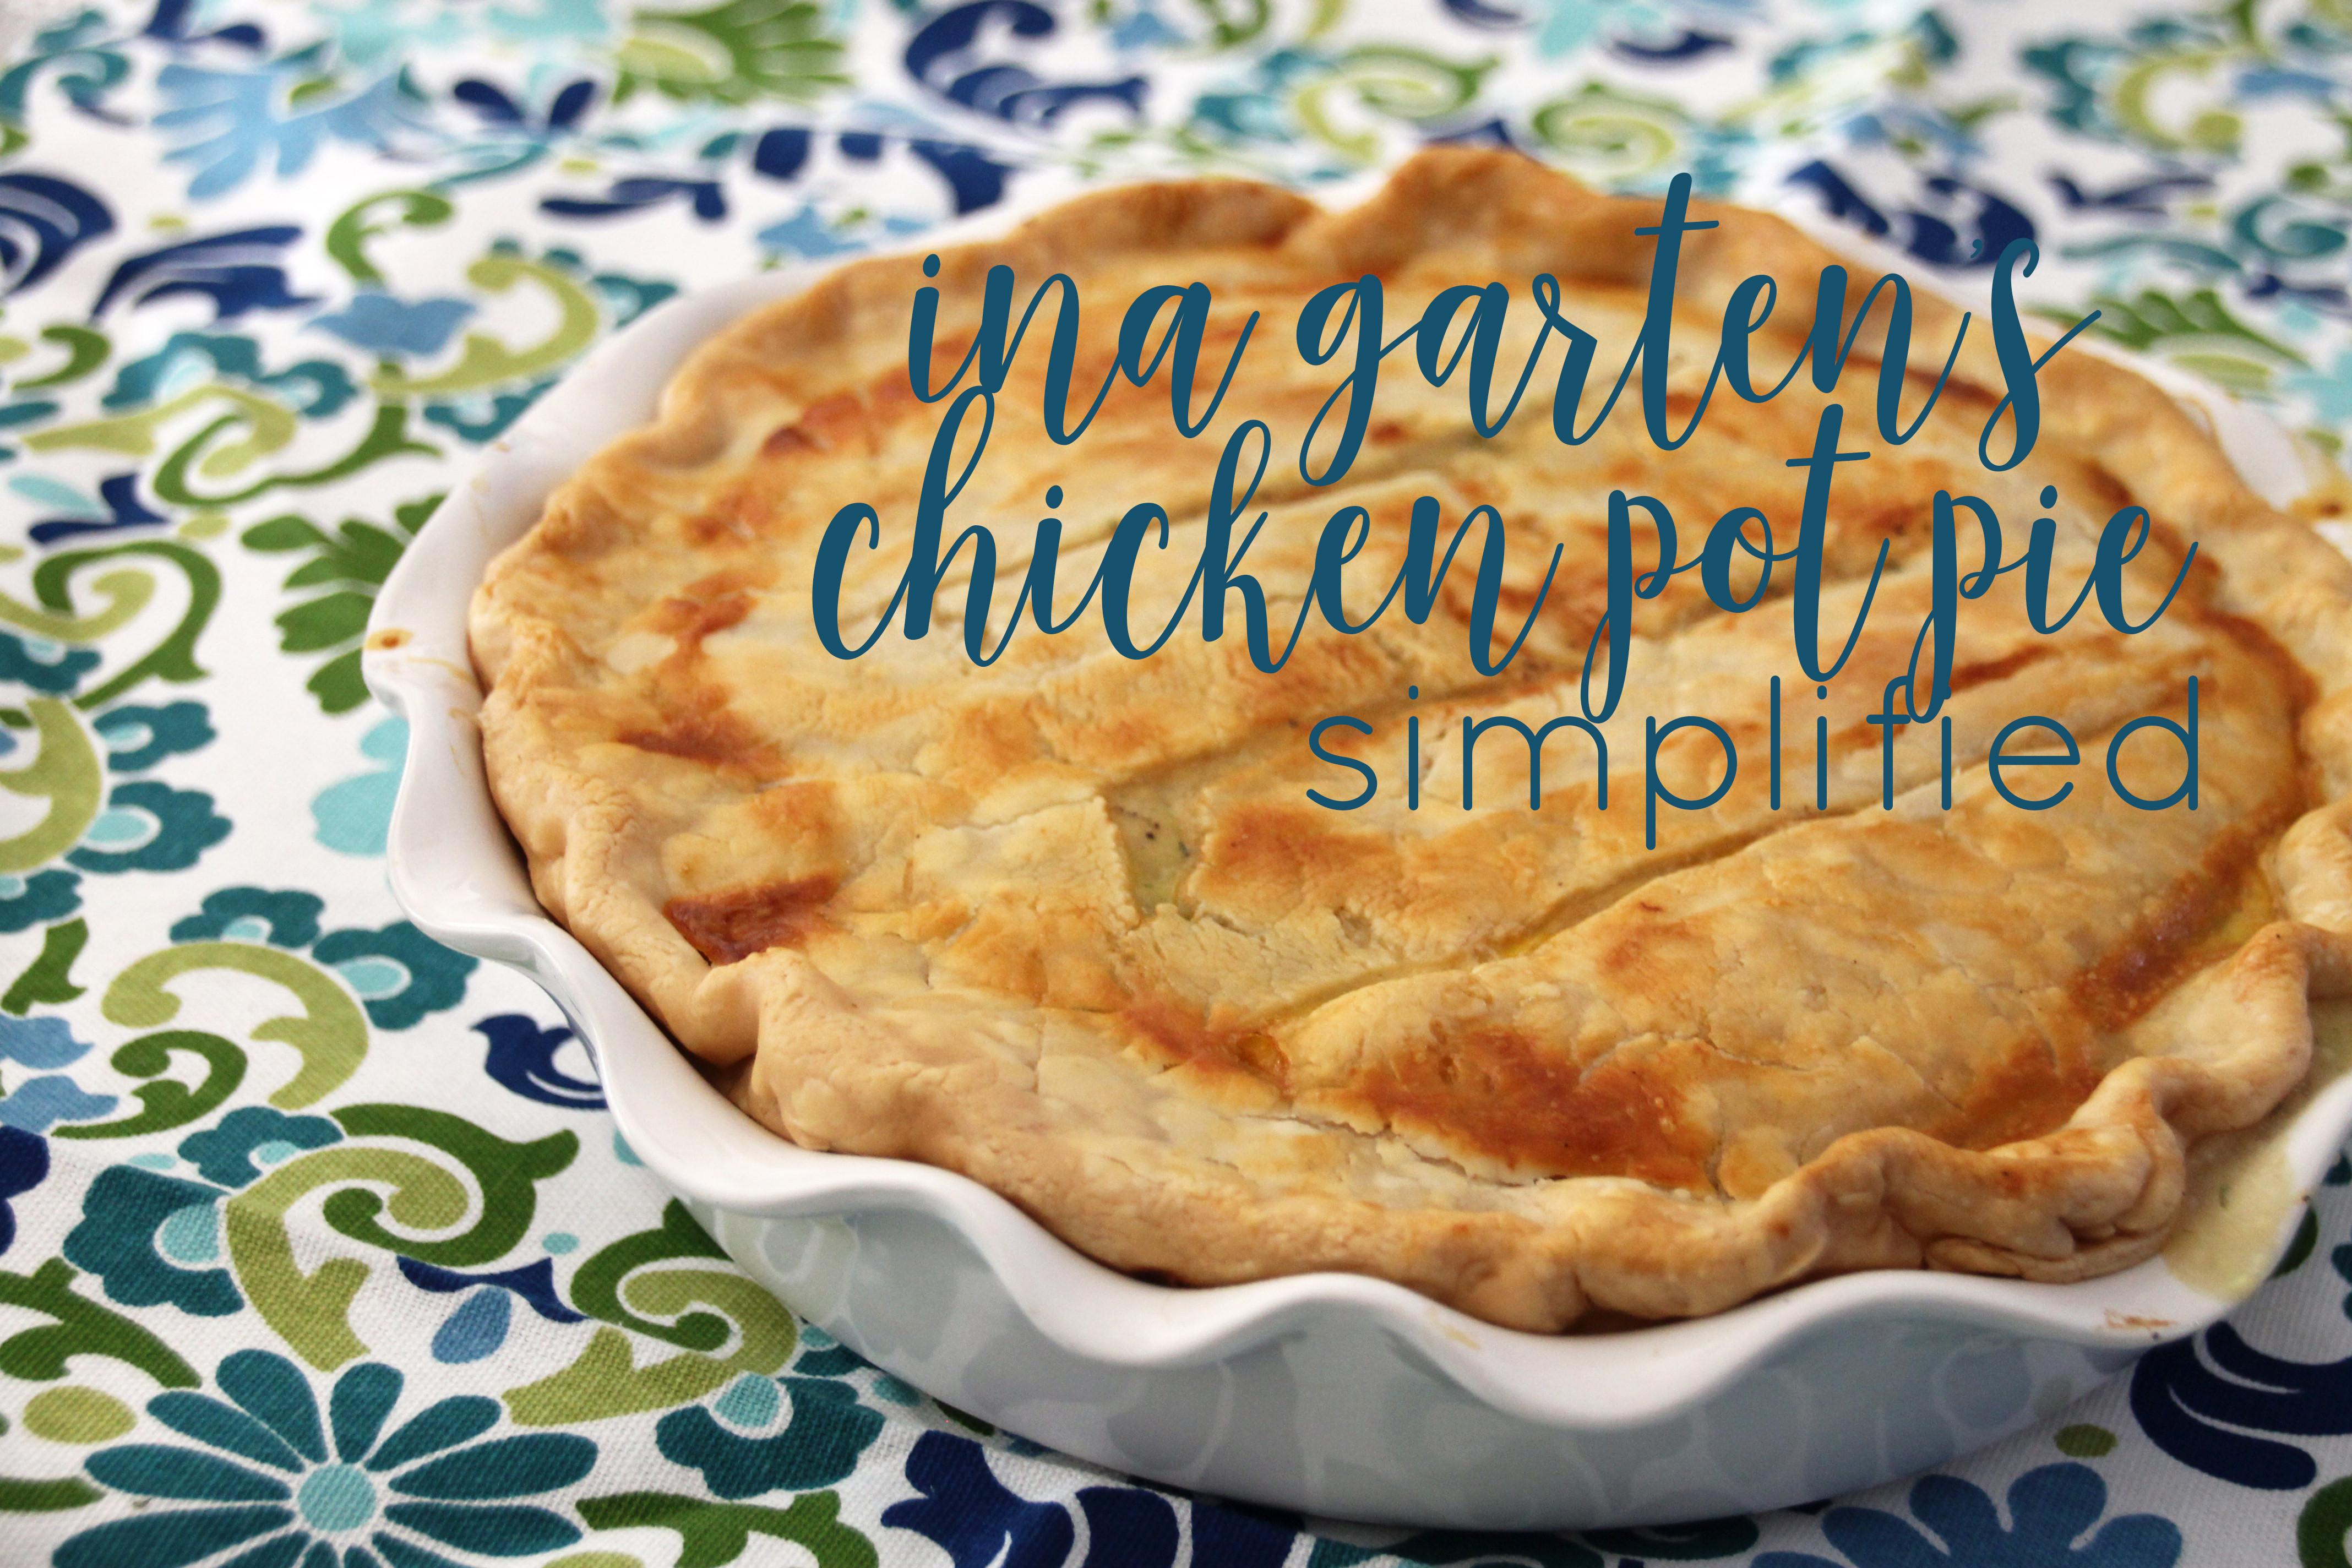 Ina Garten Chicken Pot Pie  ina garten's chicken pot pie simplified